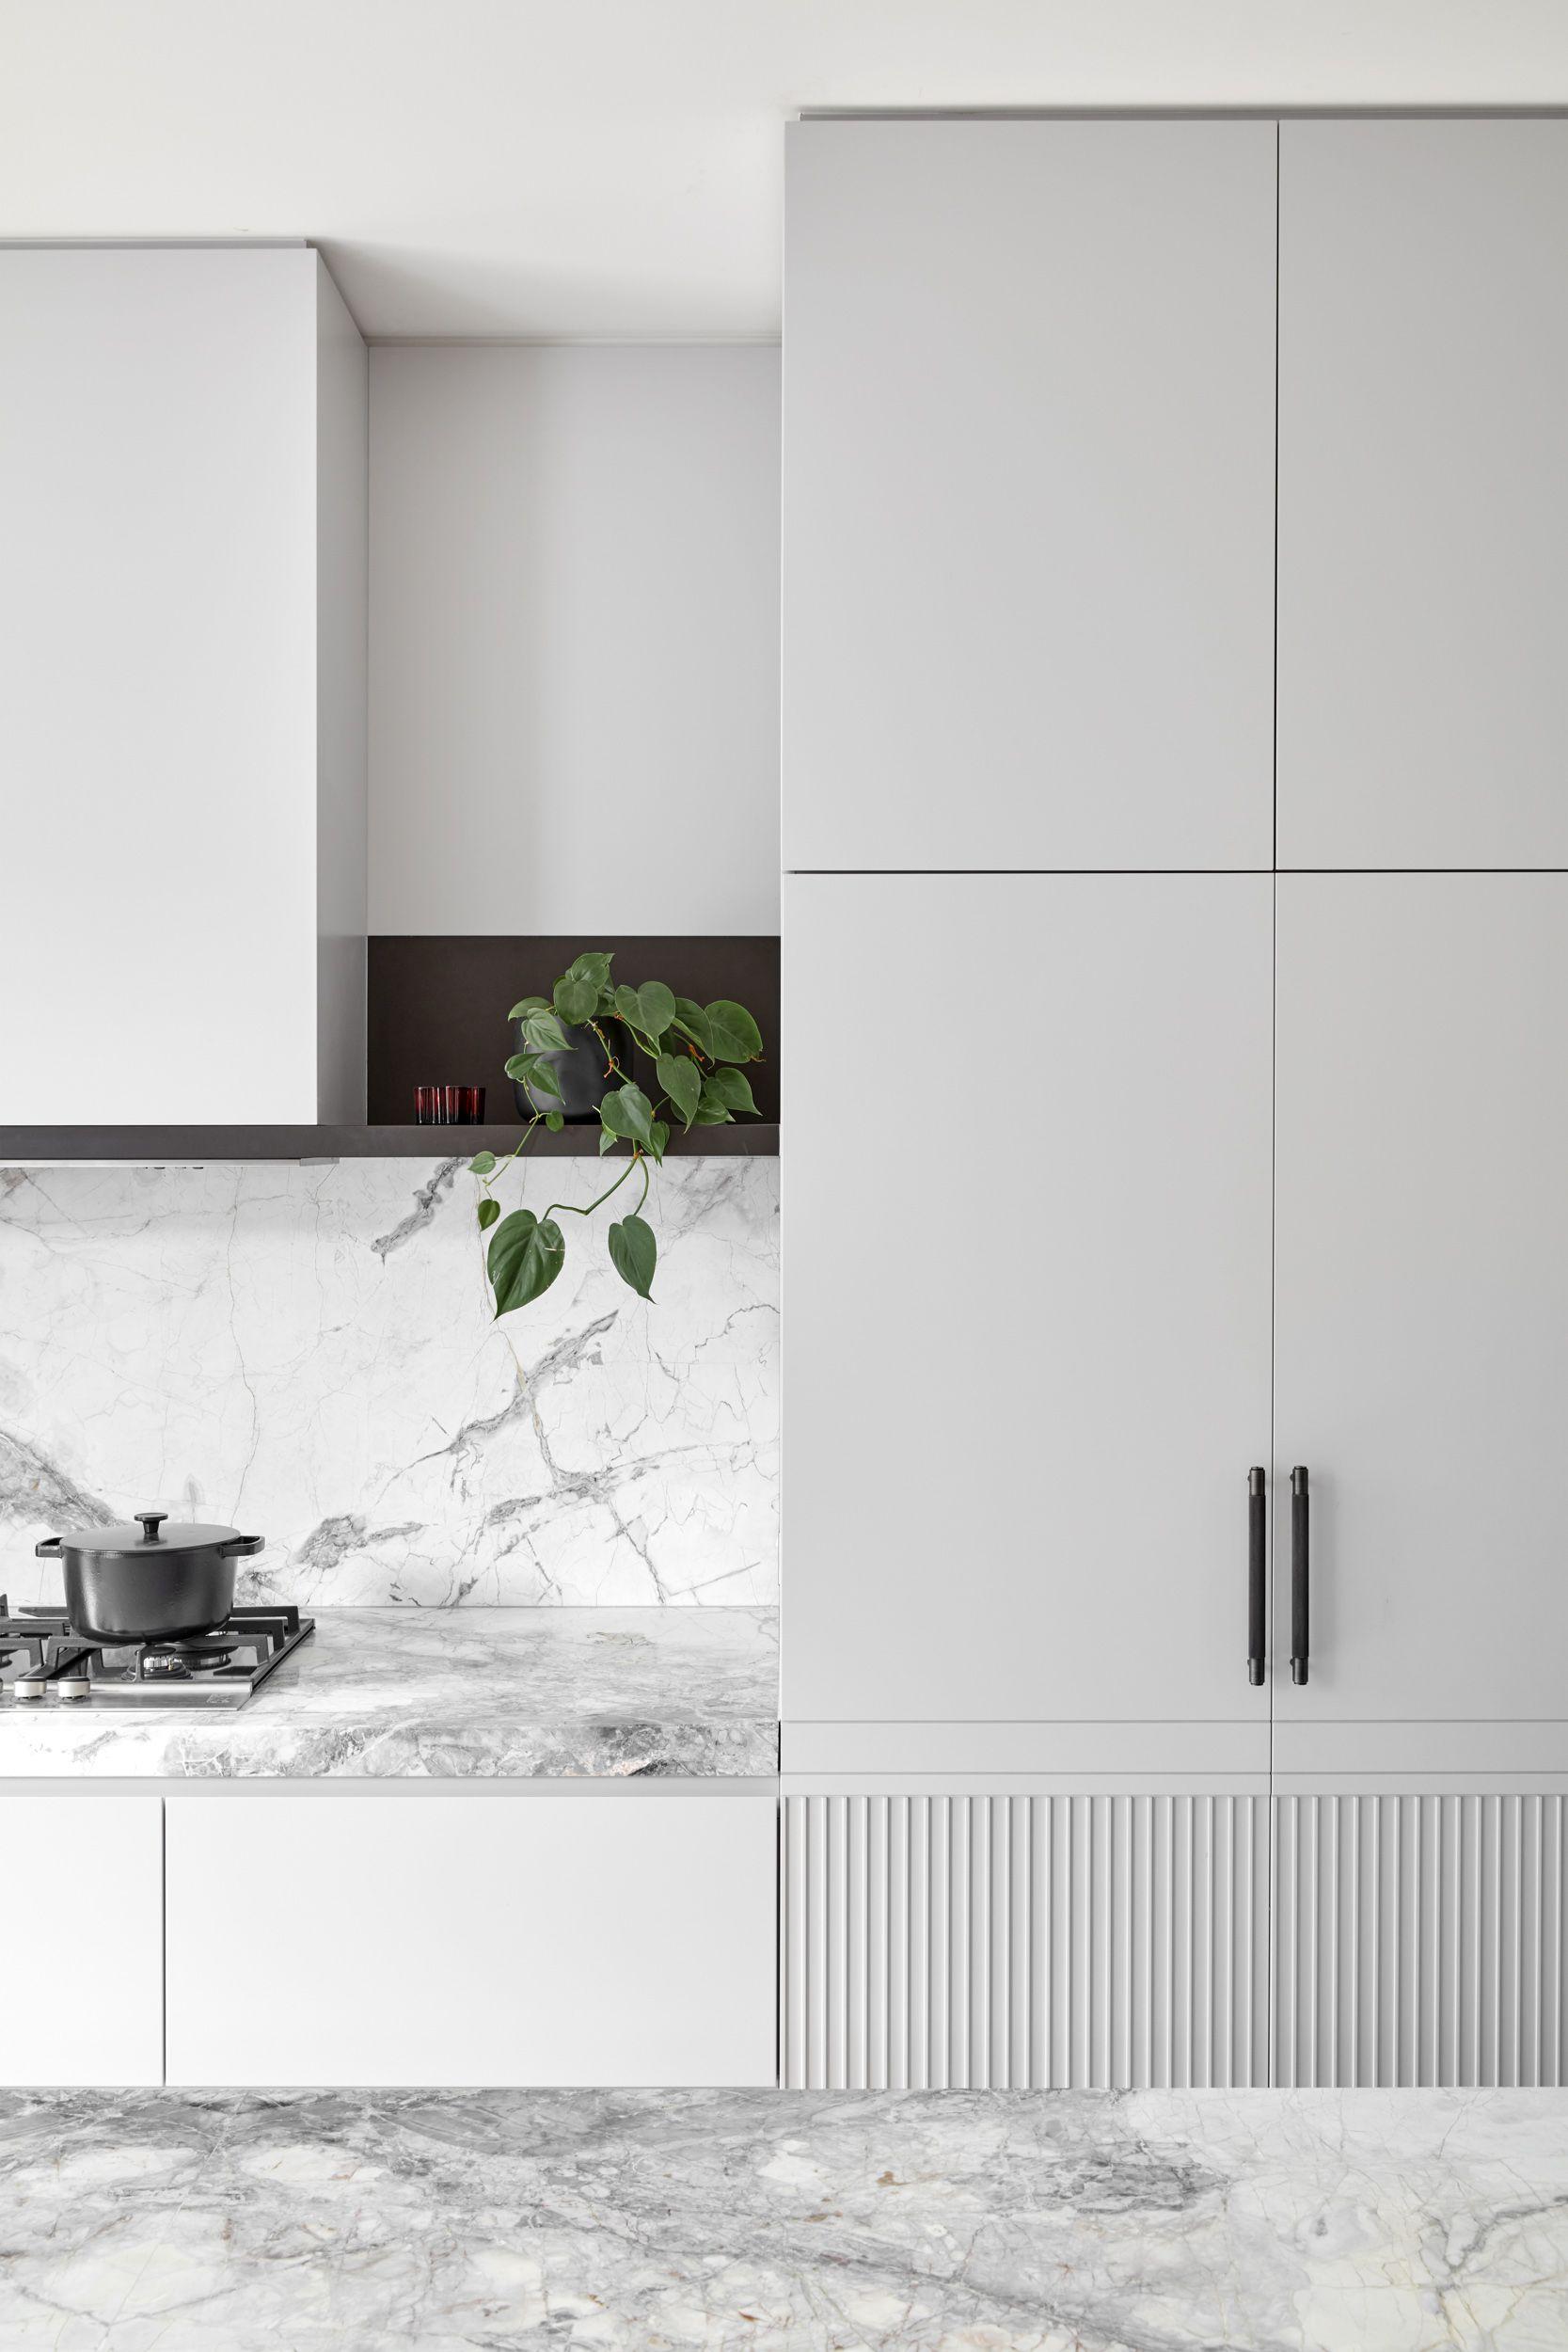 Pin von amelda wilde auf kitchen | Pinterest | Küche, Esszimmer und Raum